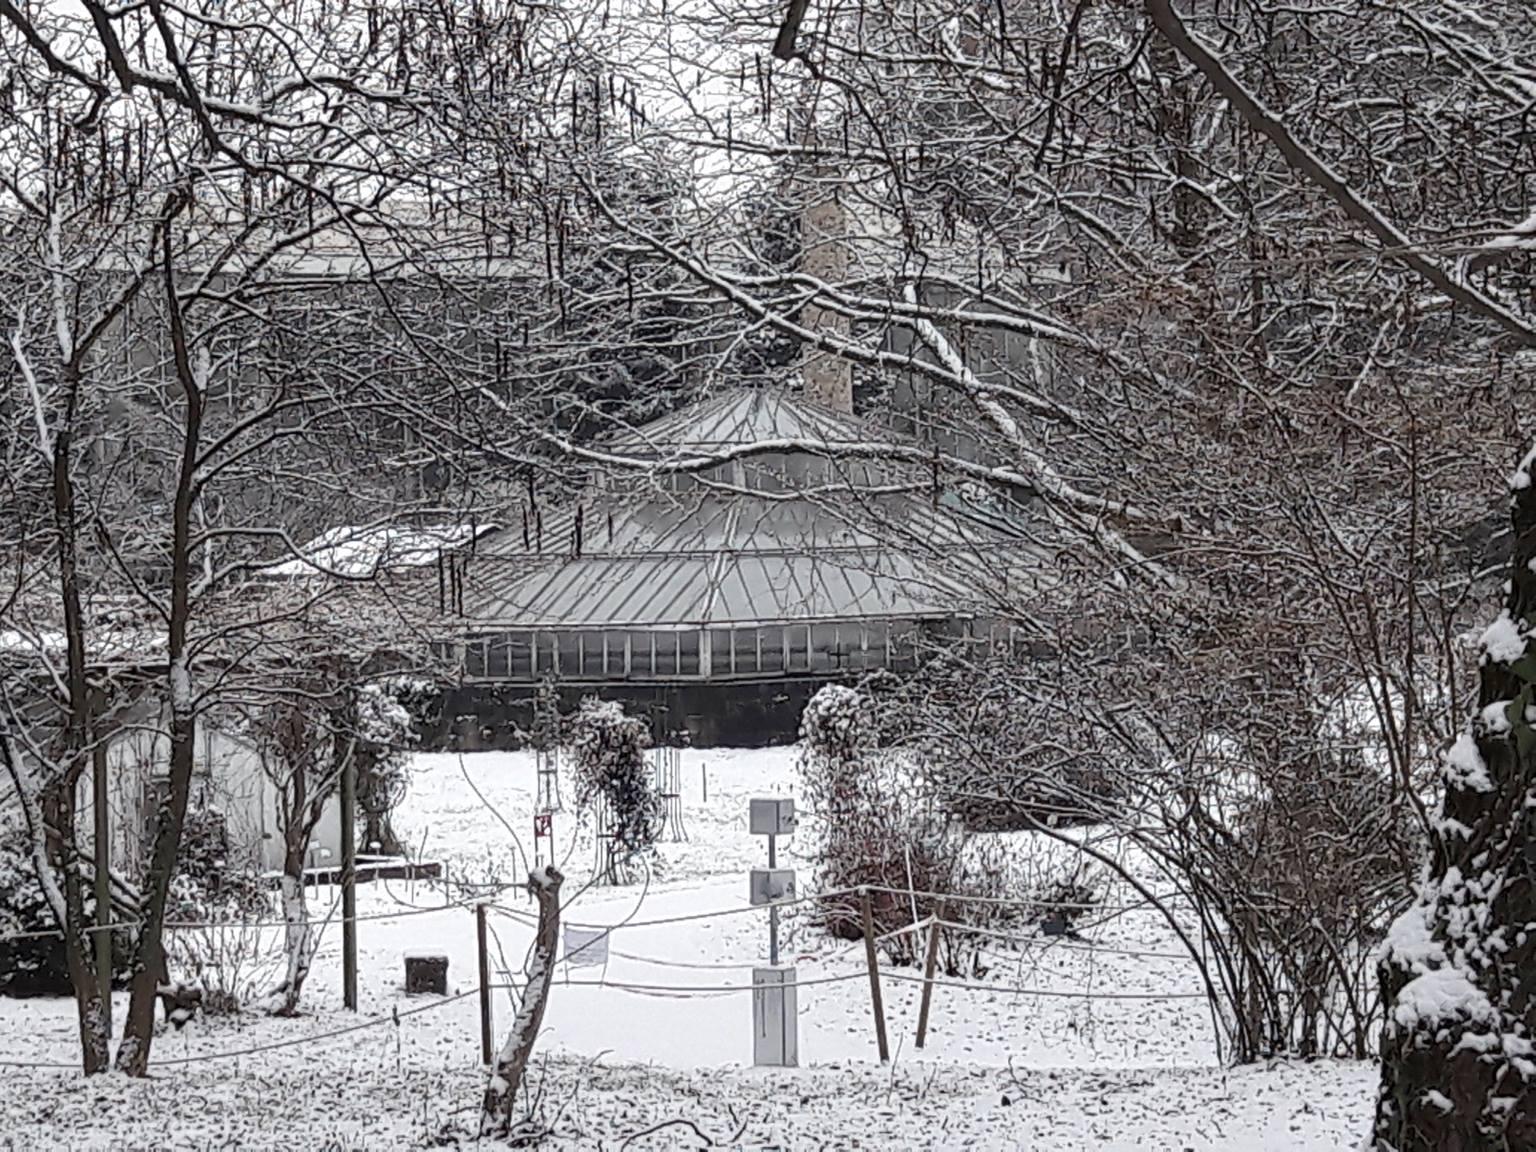 Galerie photos association des amis du jardin botanique - Jardin botanique de l universite de strasbourg ...